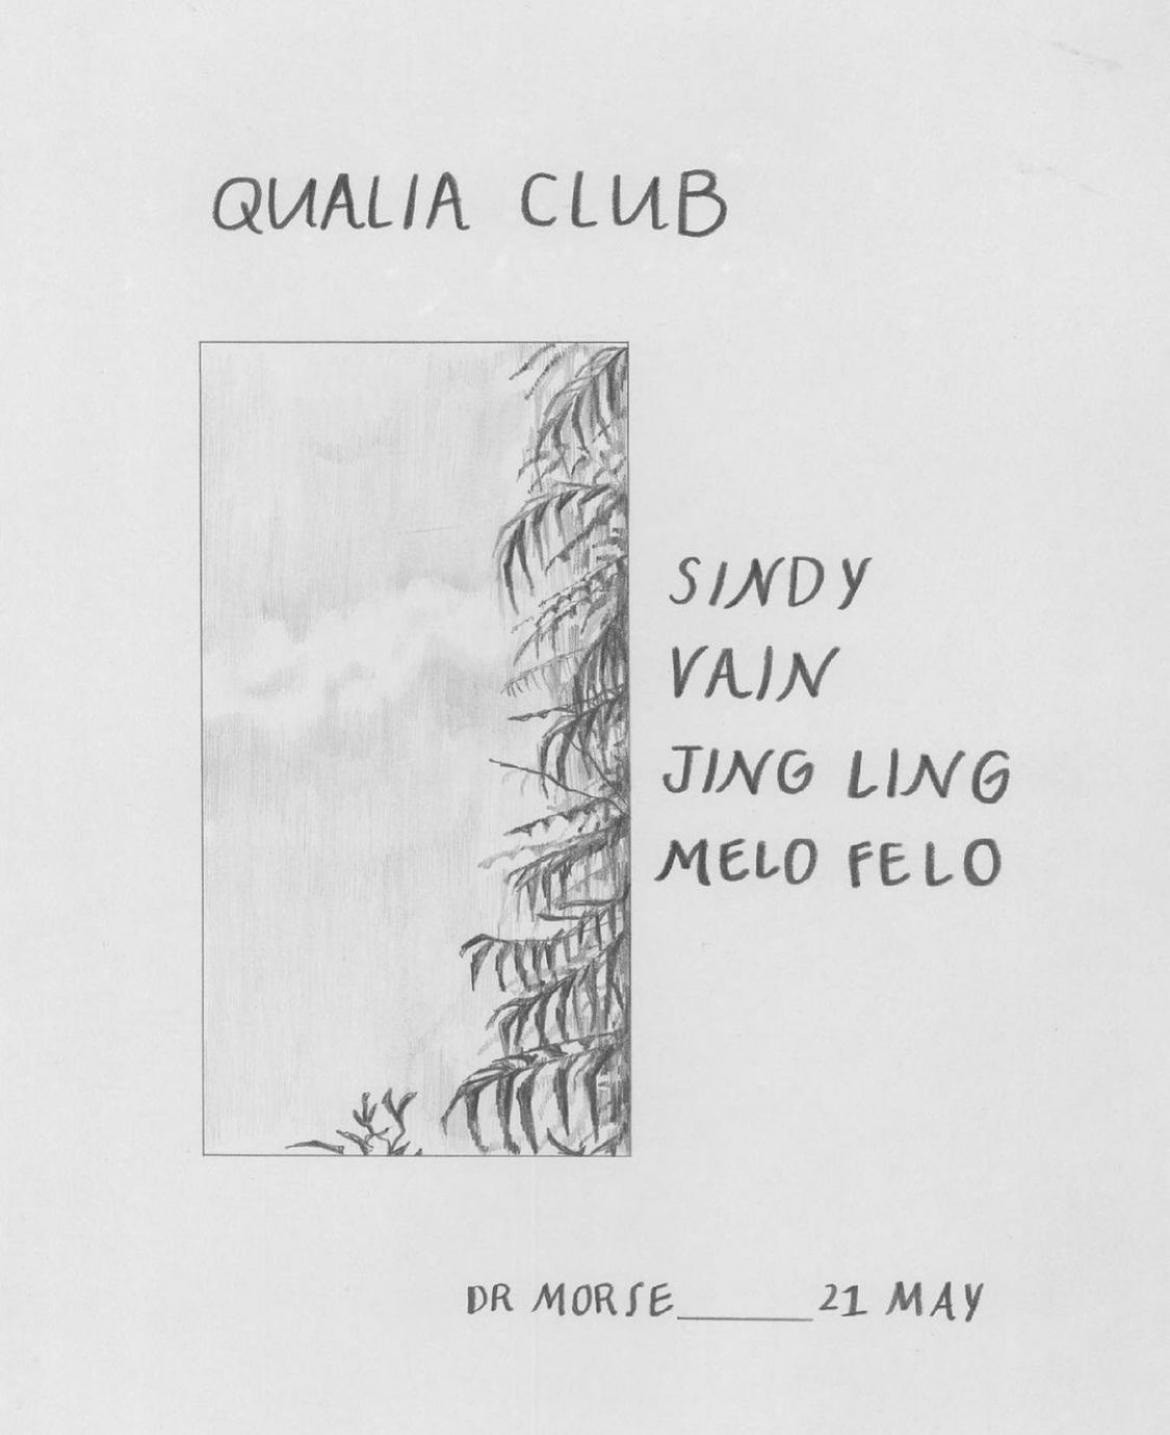 qualia club